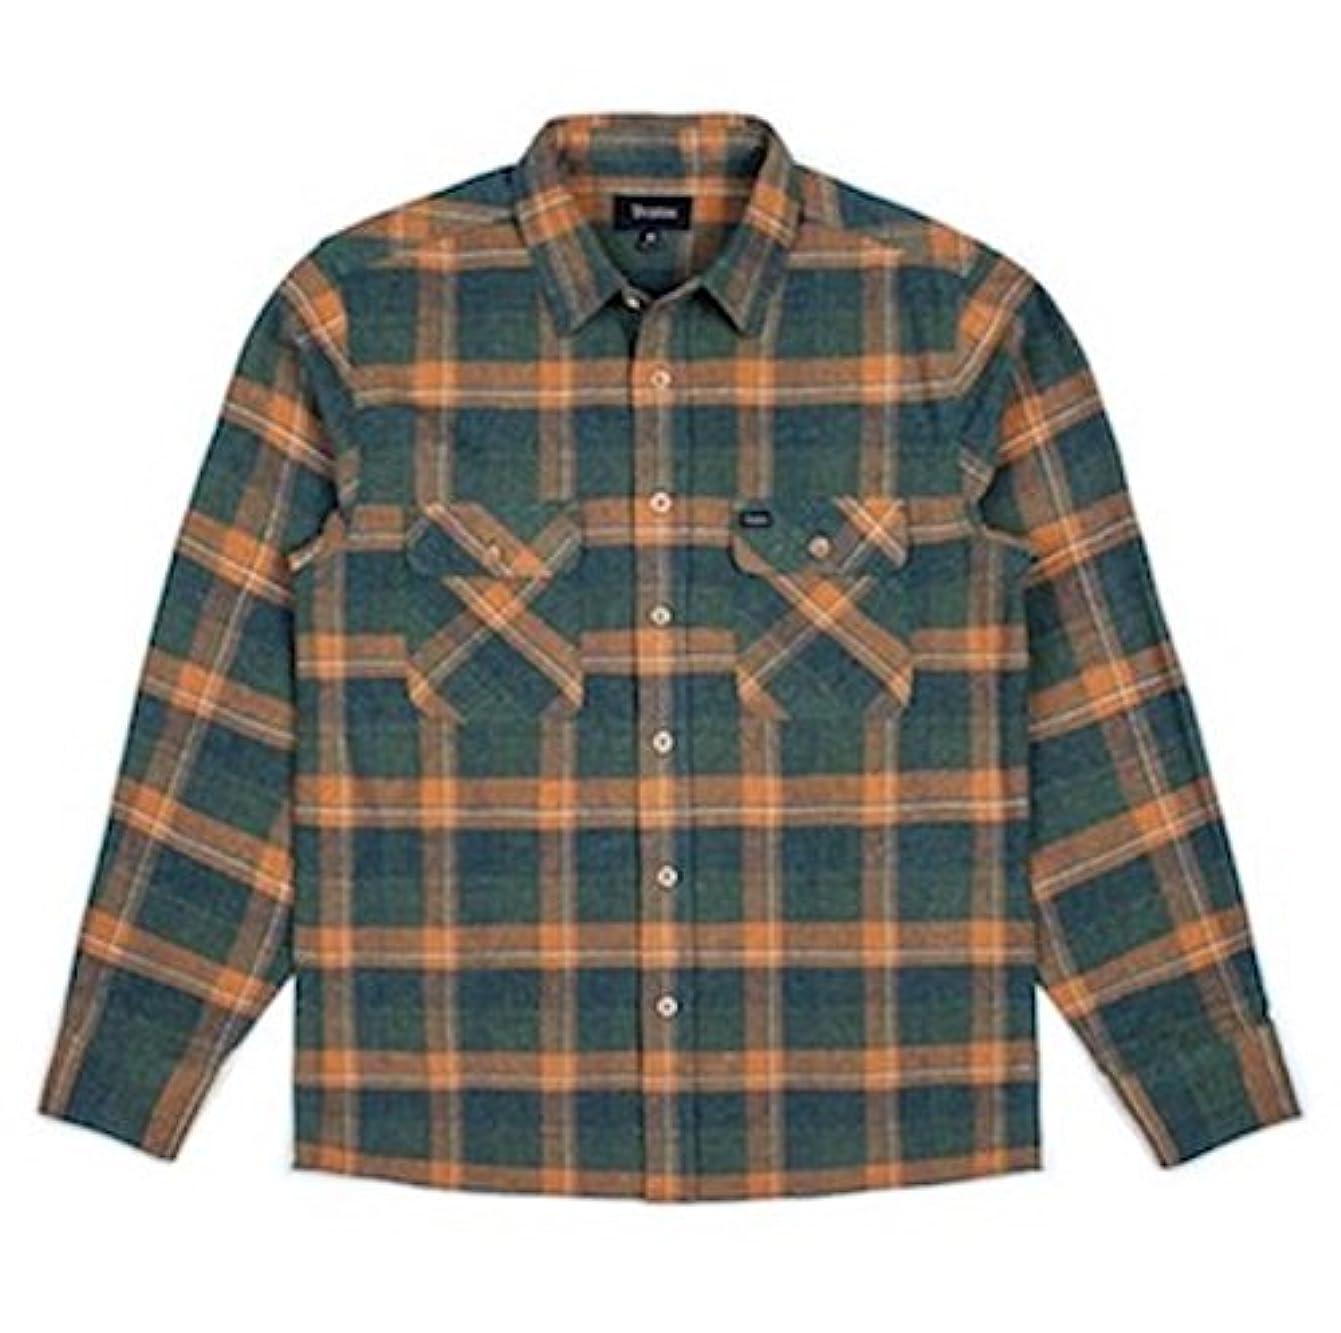 給料無視トランスペアレントBrixton Archie L/S Flannel Shirt Green S ネルシャツ 並行輸入品